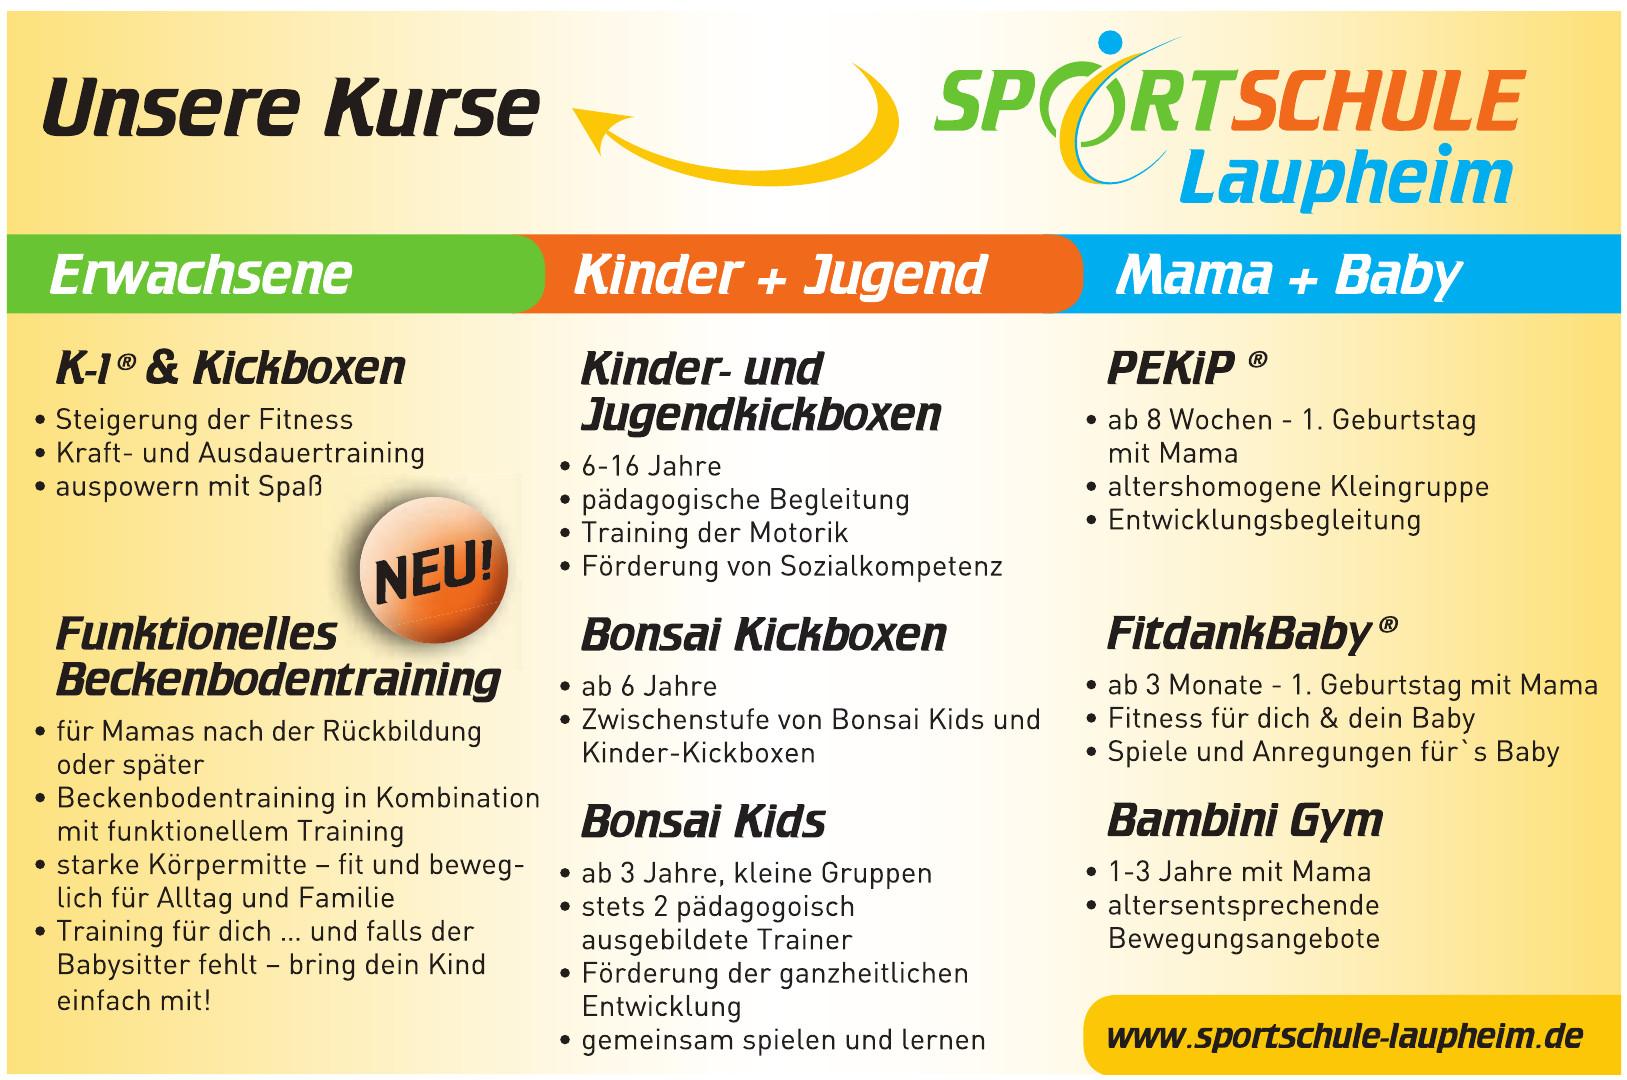 Sportschule Laupheim